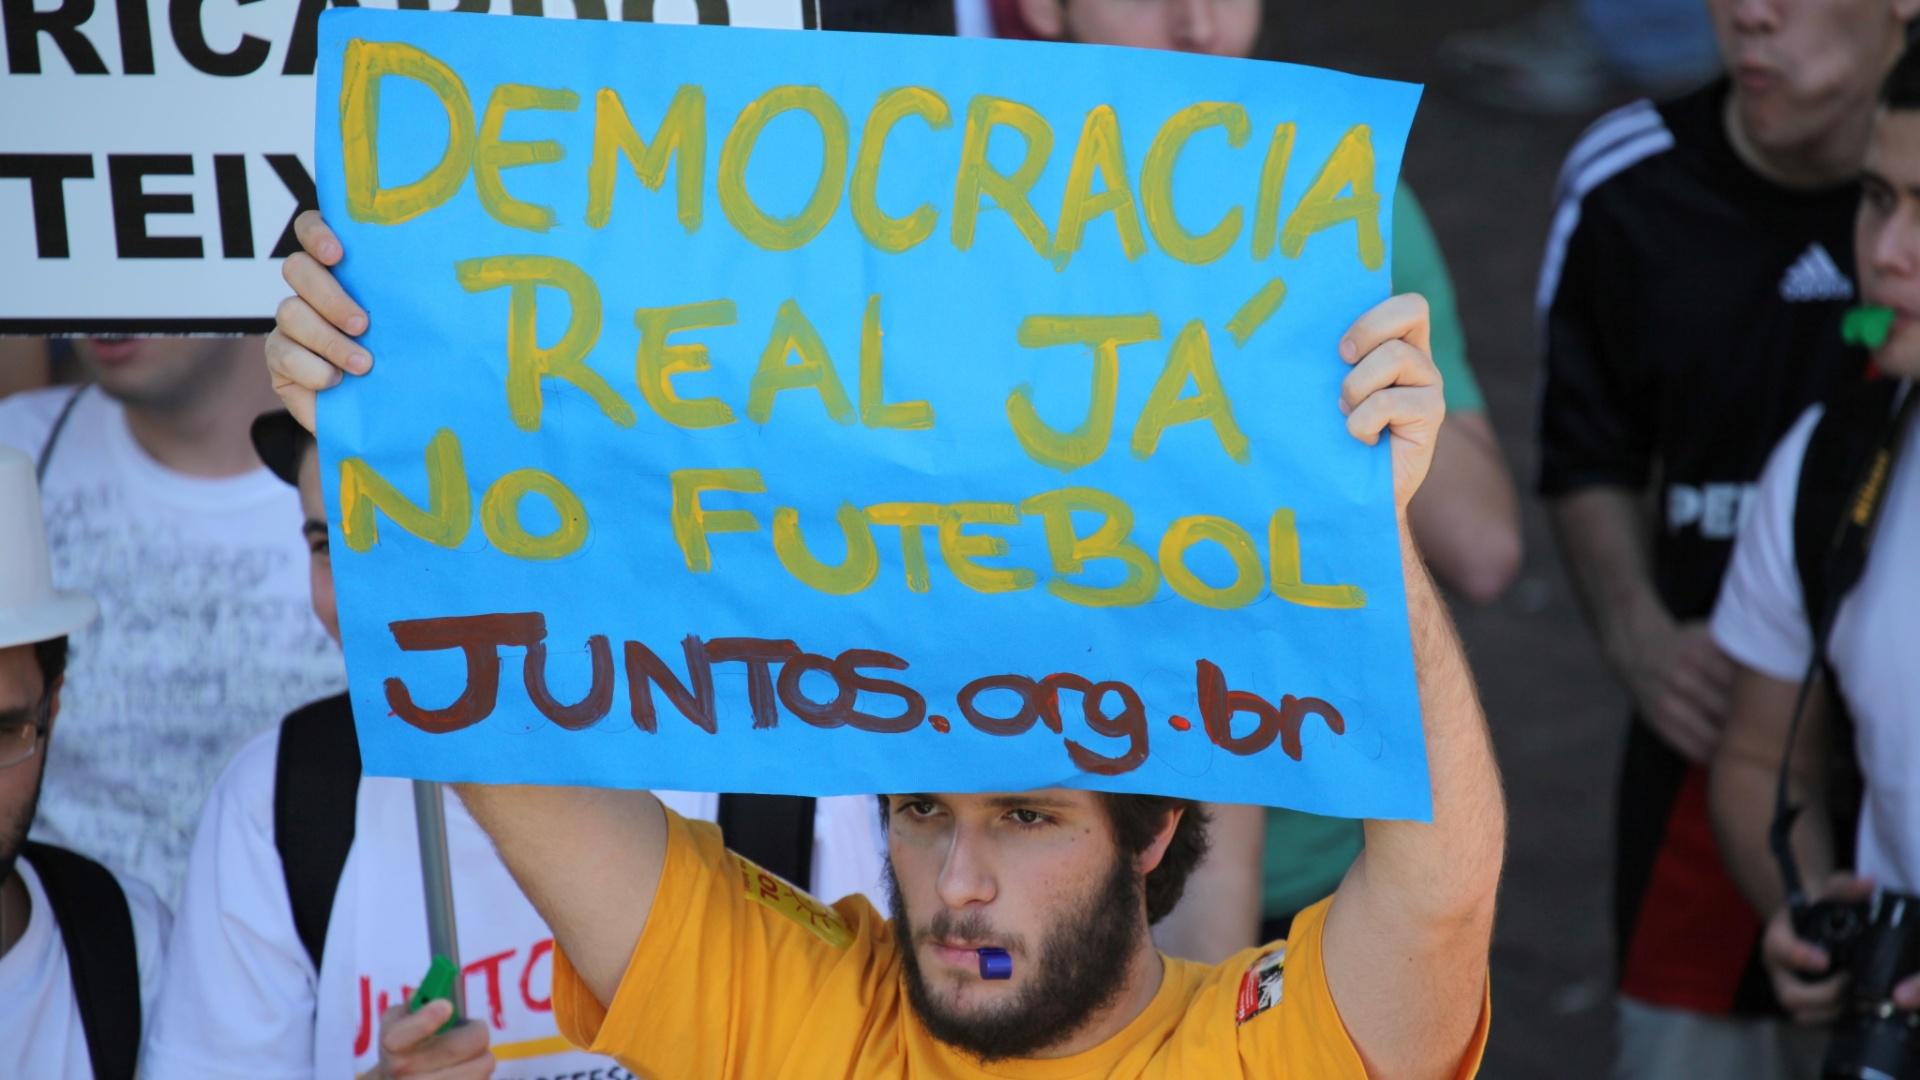 Manifestantes pedem democracia no futebol durante protesto em São Paulo (13/08/2011)